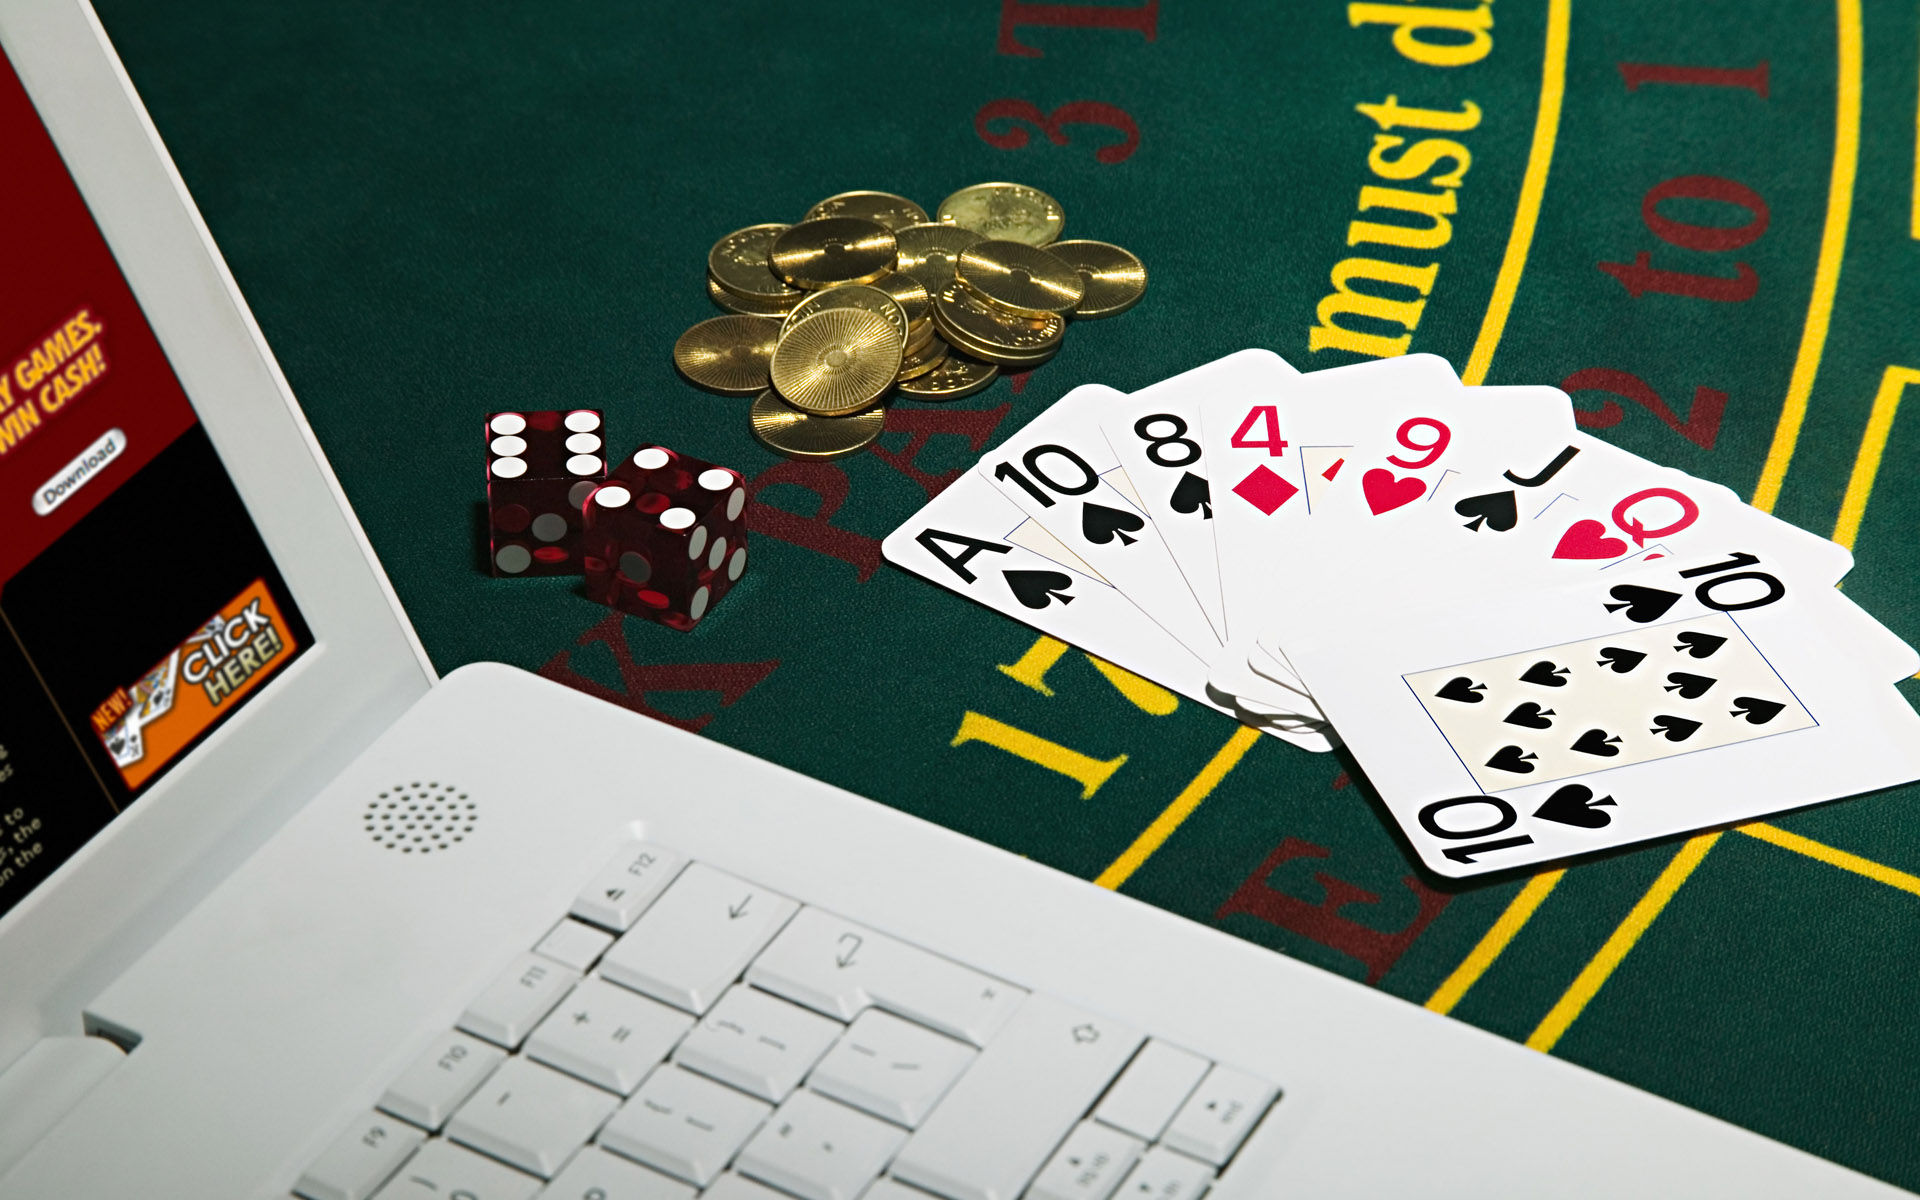 Кто хочет сделать самой интернет казино 3 д игровые автоматы html кода